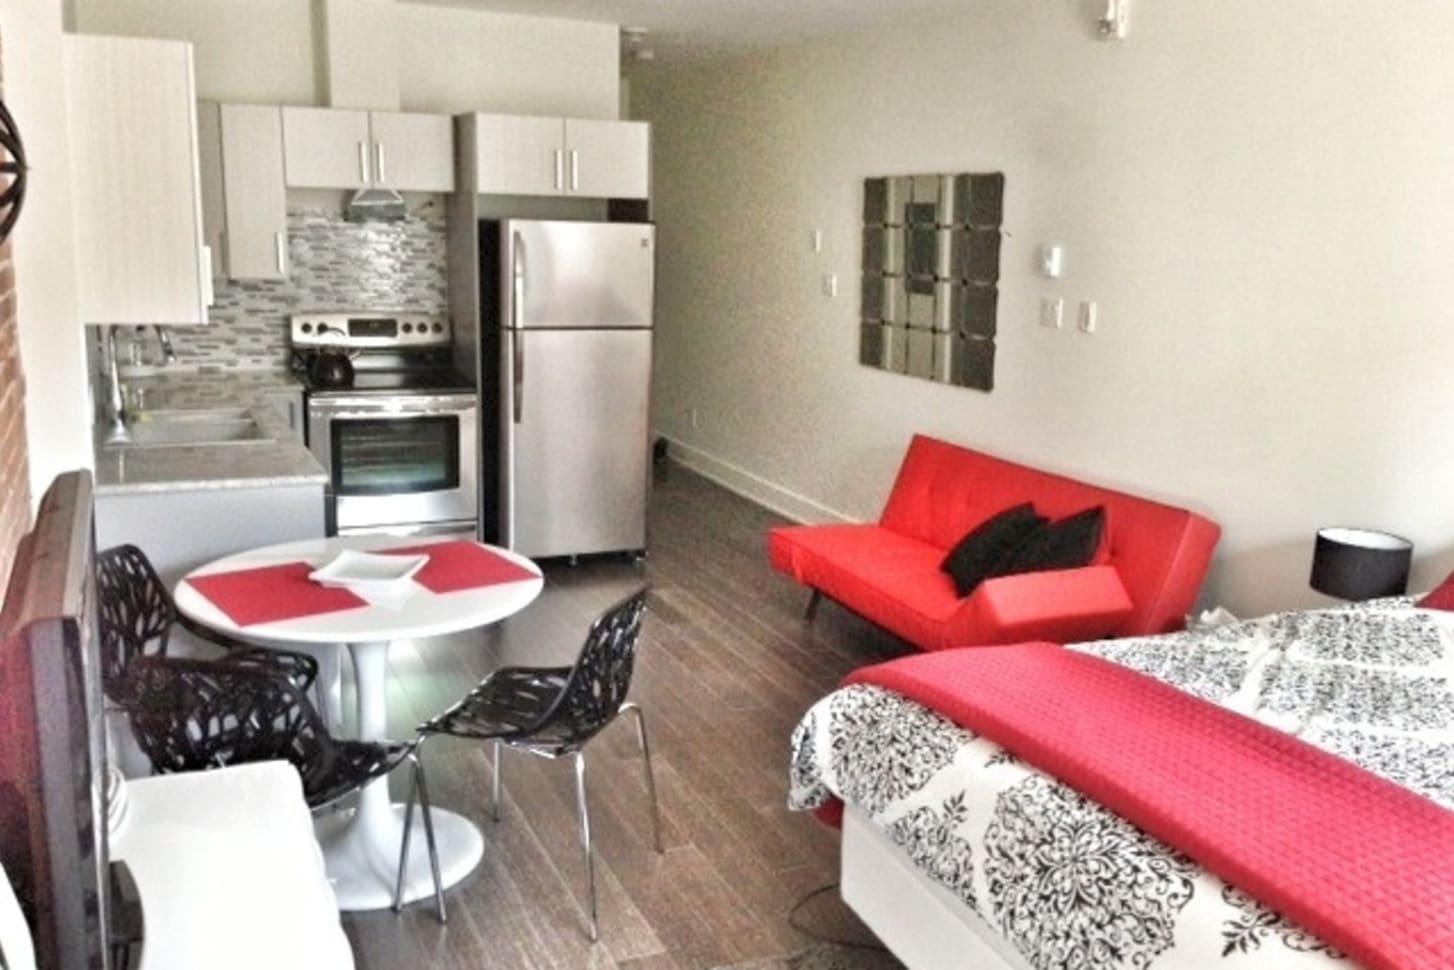 Village gai luxe loft studio montr al gay bed breakfast louer - Loft a louer montreal ...